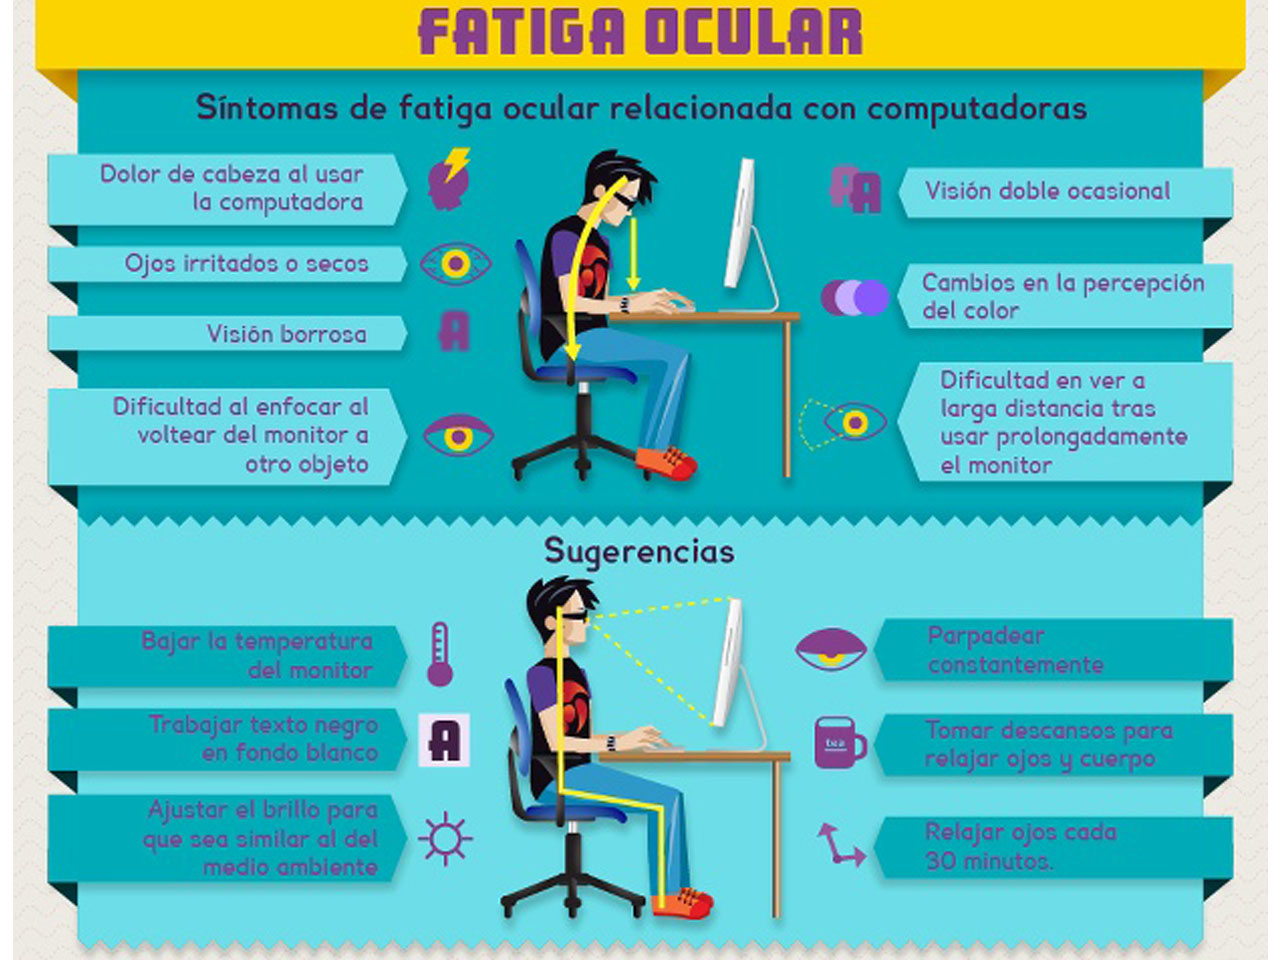 Ergonom a visual los 3 consejos esenciales for Recomendaciones ergonomicas para trabajo en oficina